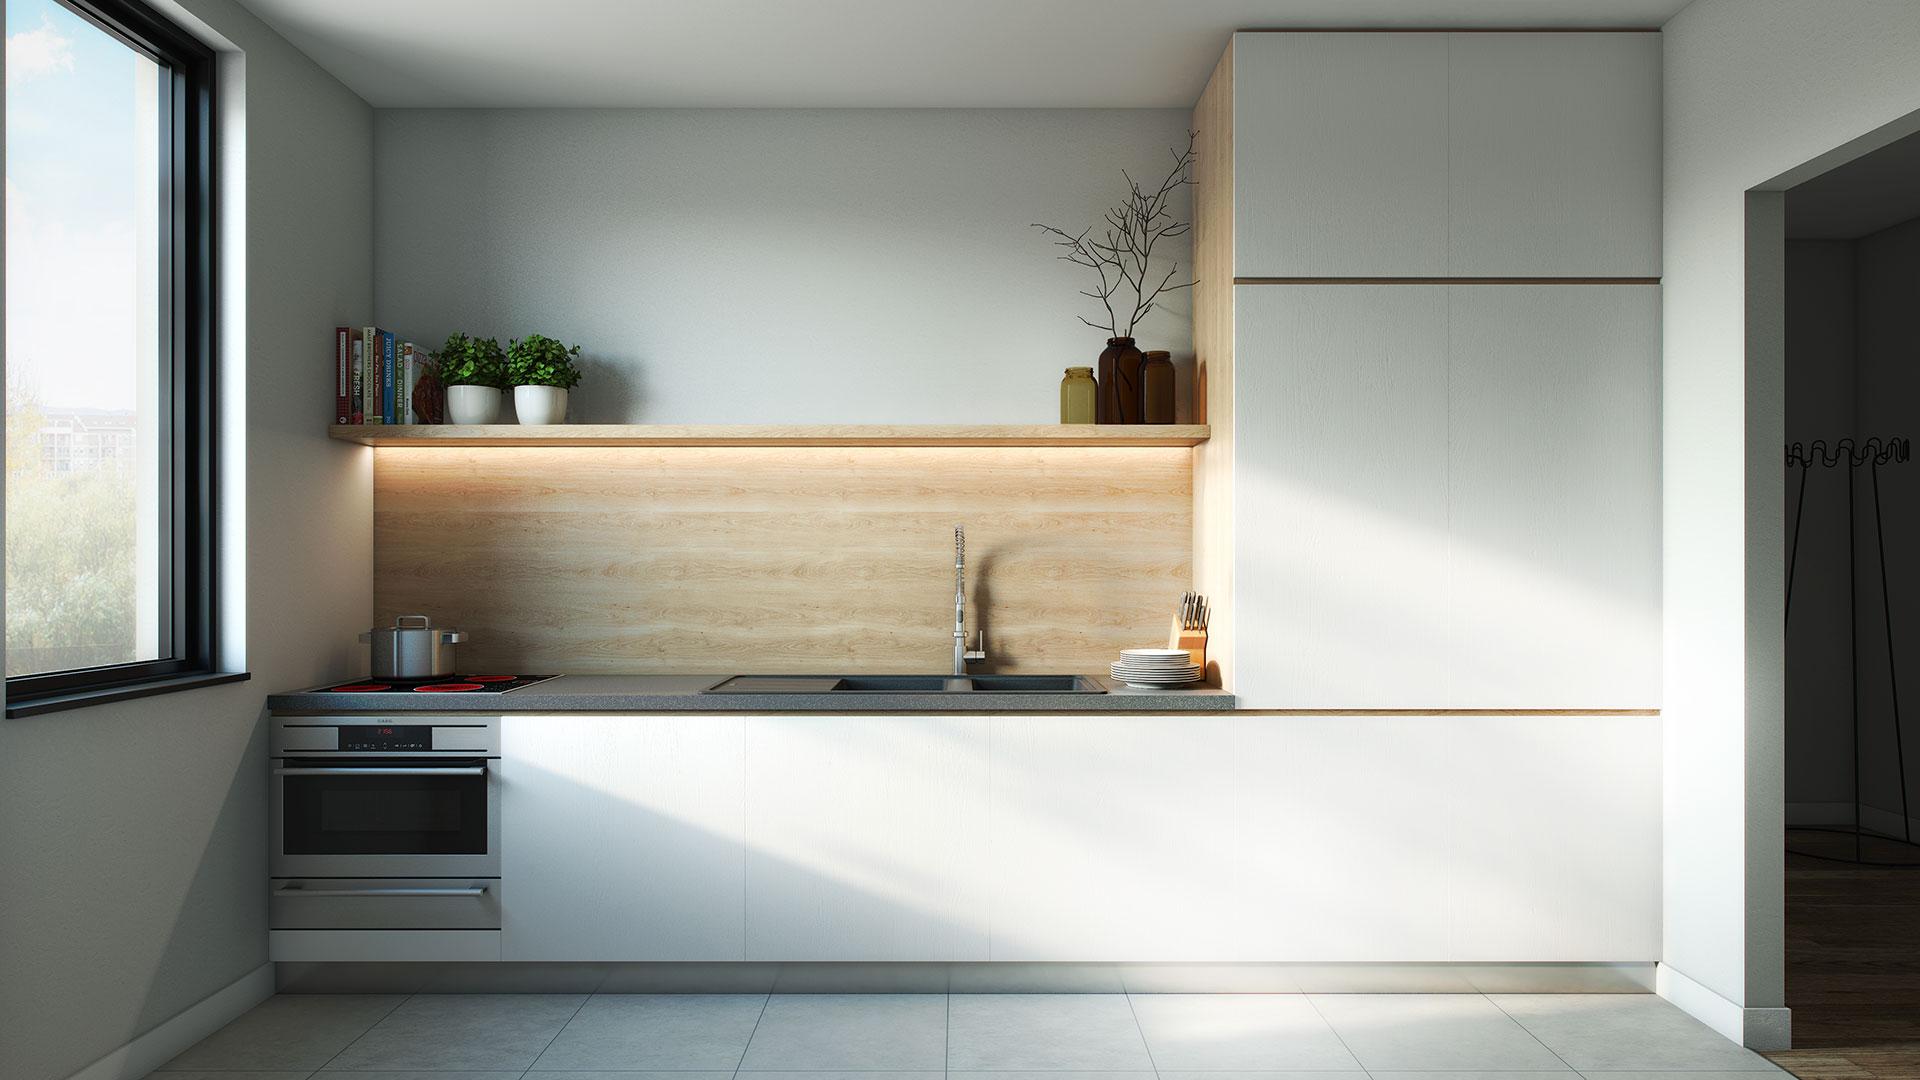 Kitchen_Tip03_RGB_color-2-sobni